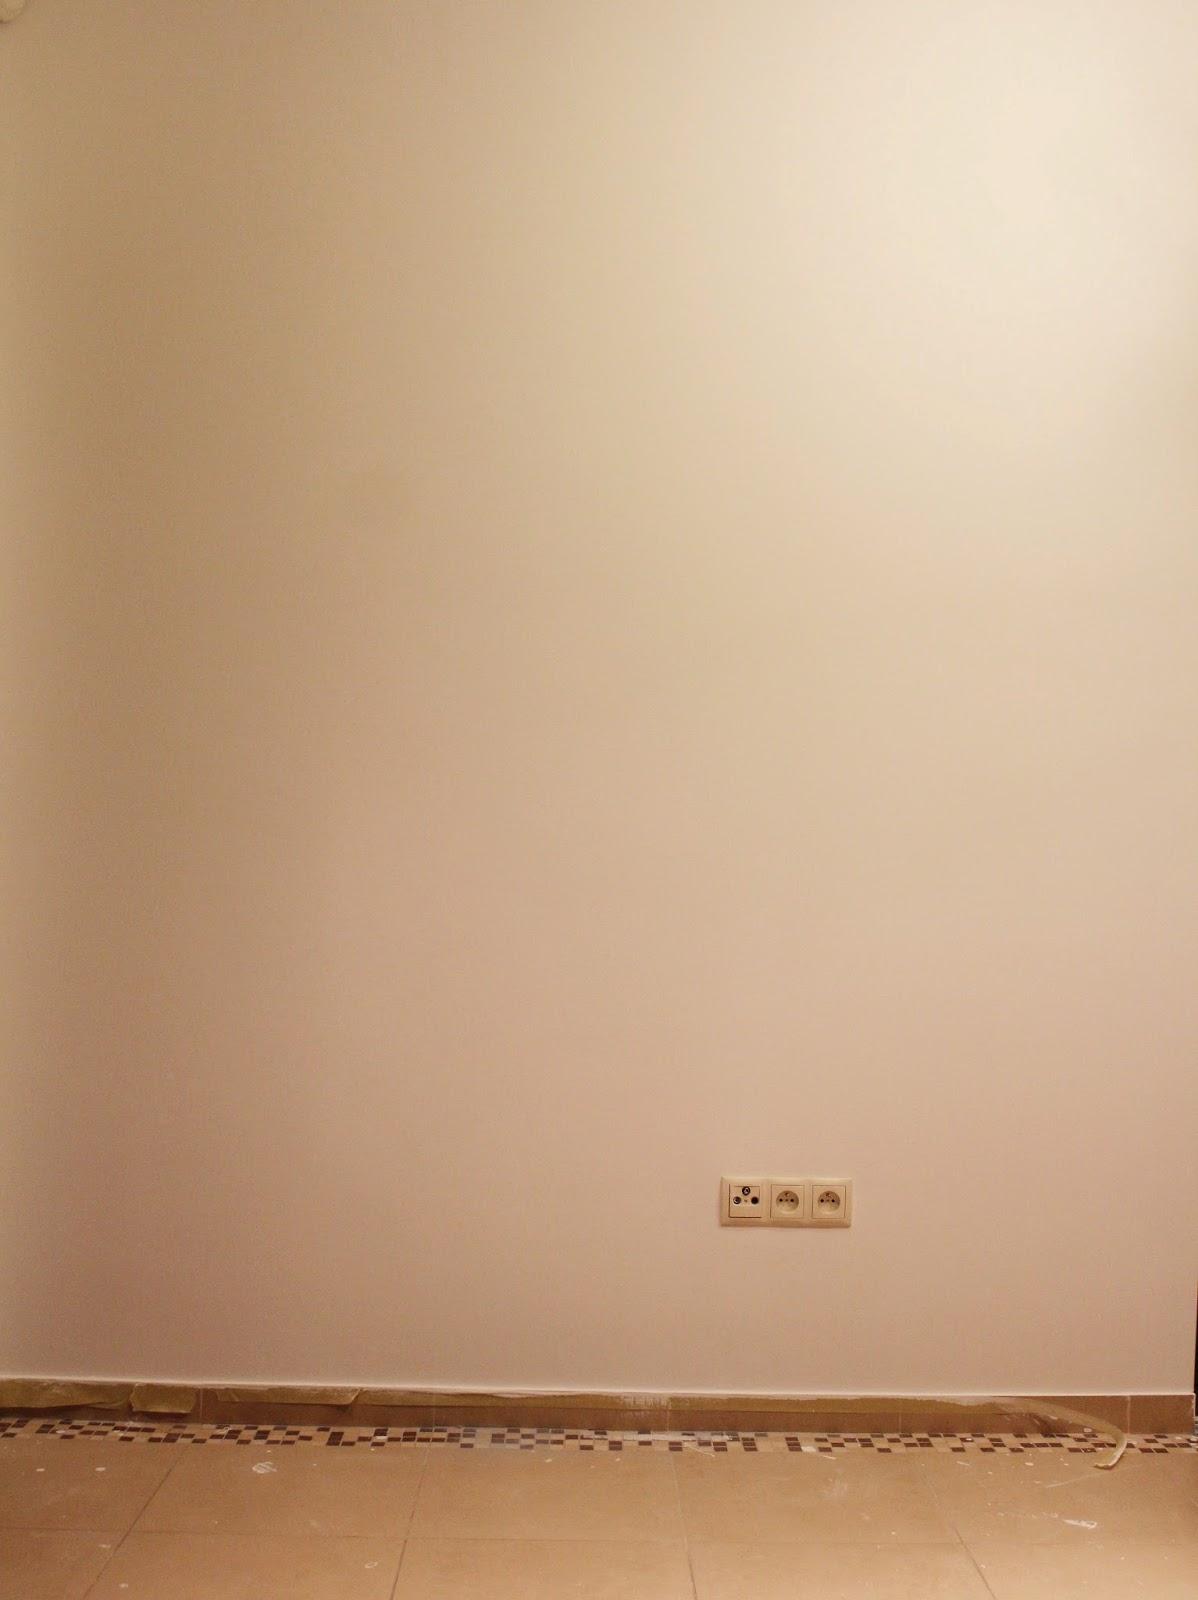 białe ściany,malowanie ścian wałkiem bosch,malowanie ścian pistoletem natryskowym,blog o wnętrzach,majsterkowanie DIy inspiracje,kobieta szczecin blogerka